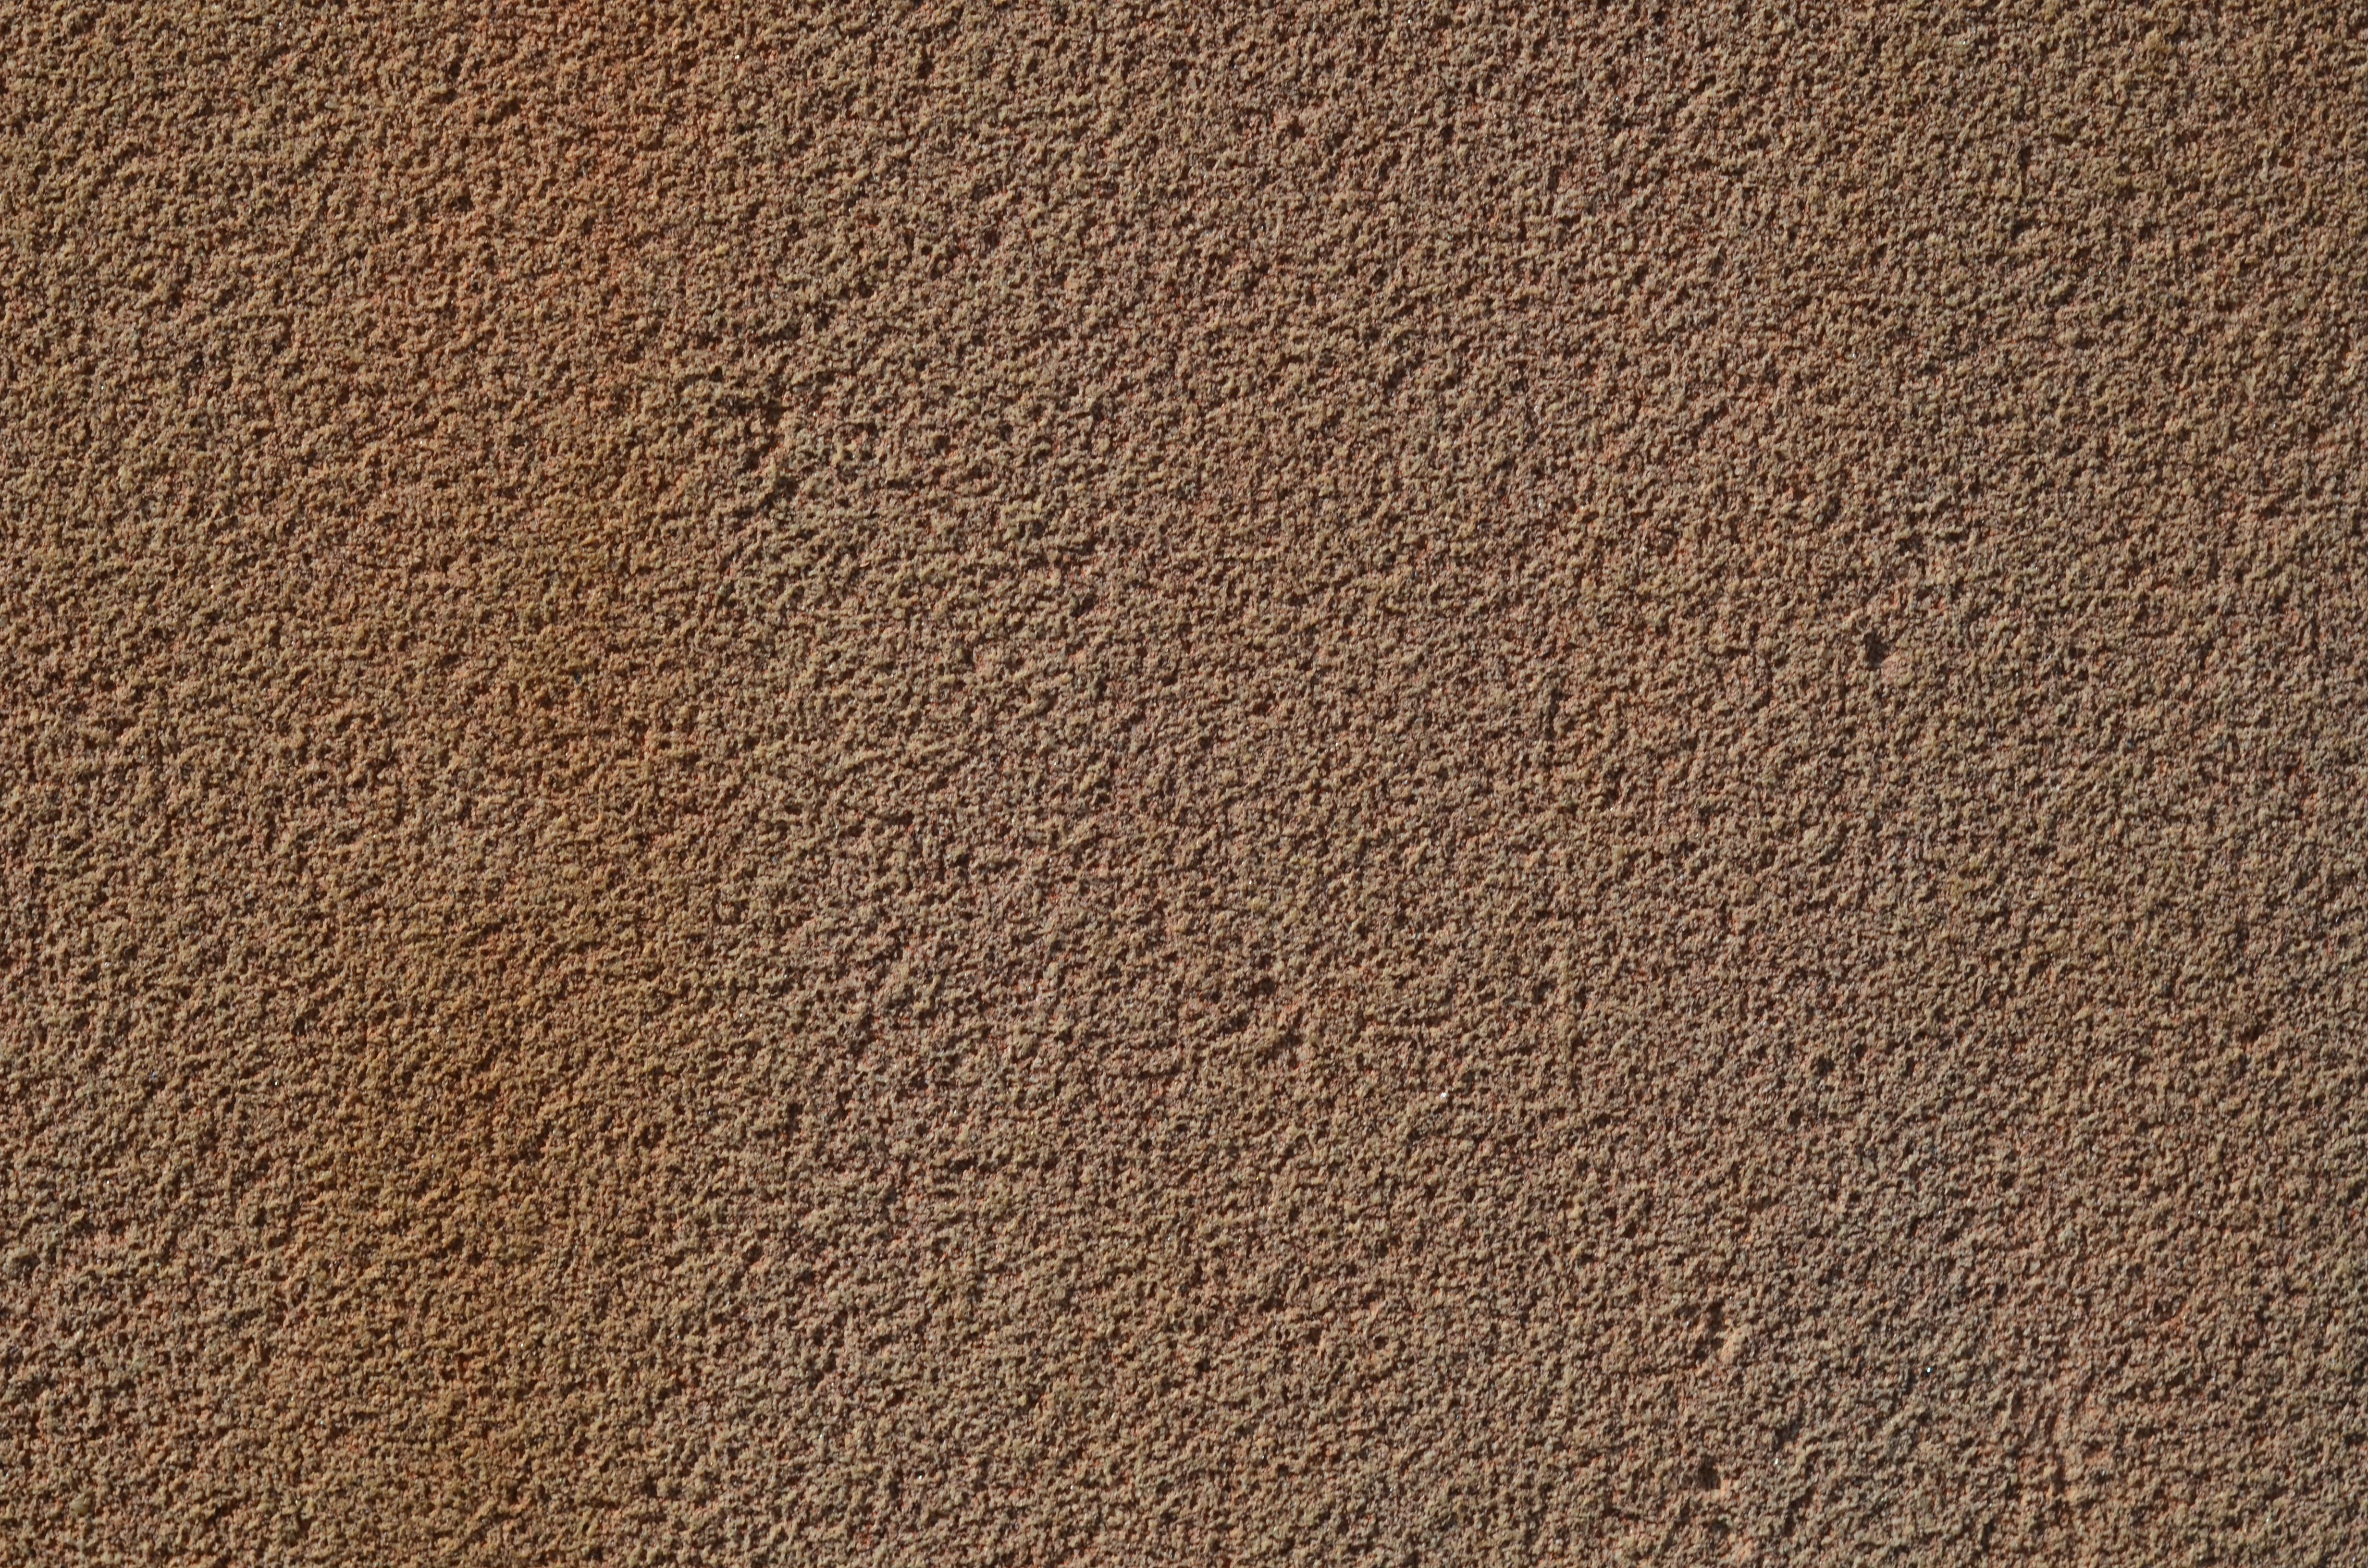 Photo: Texture - Sandstone - Andrew Beeston